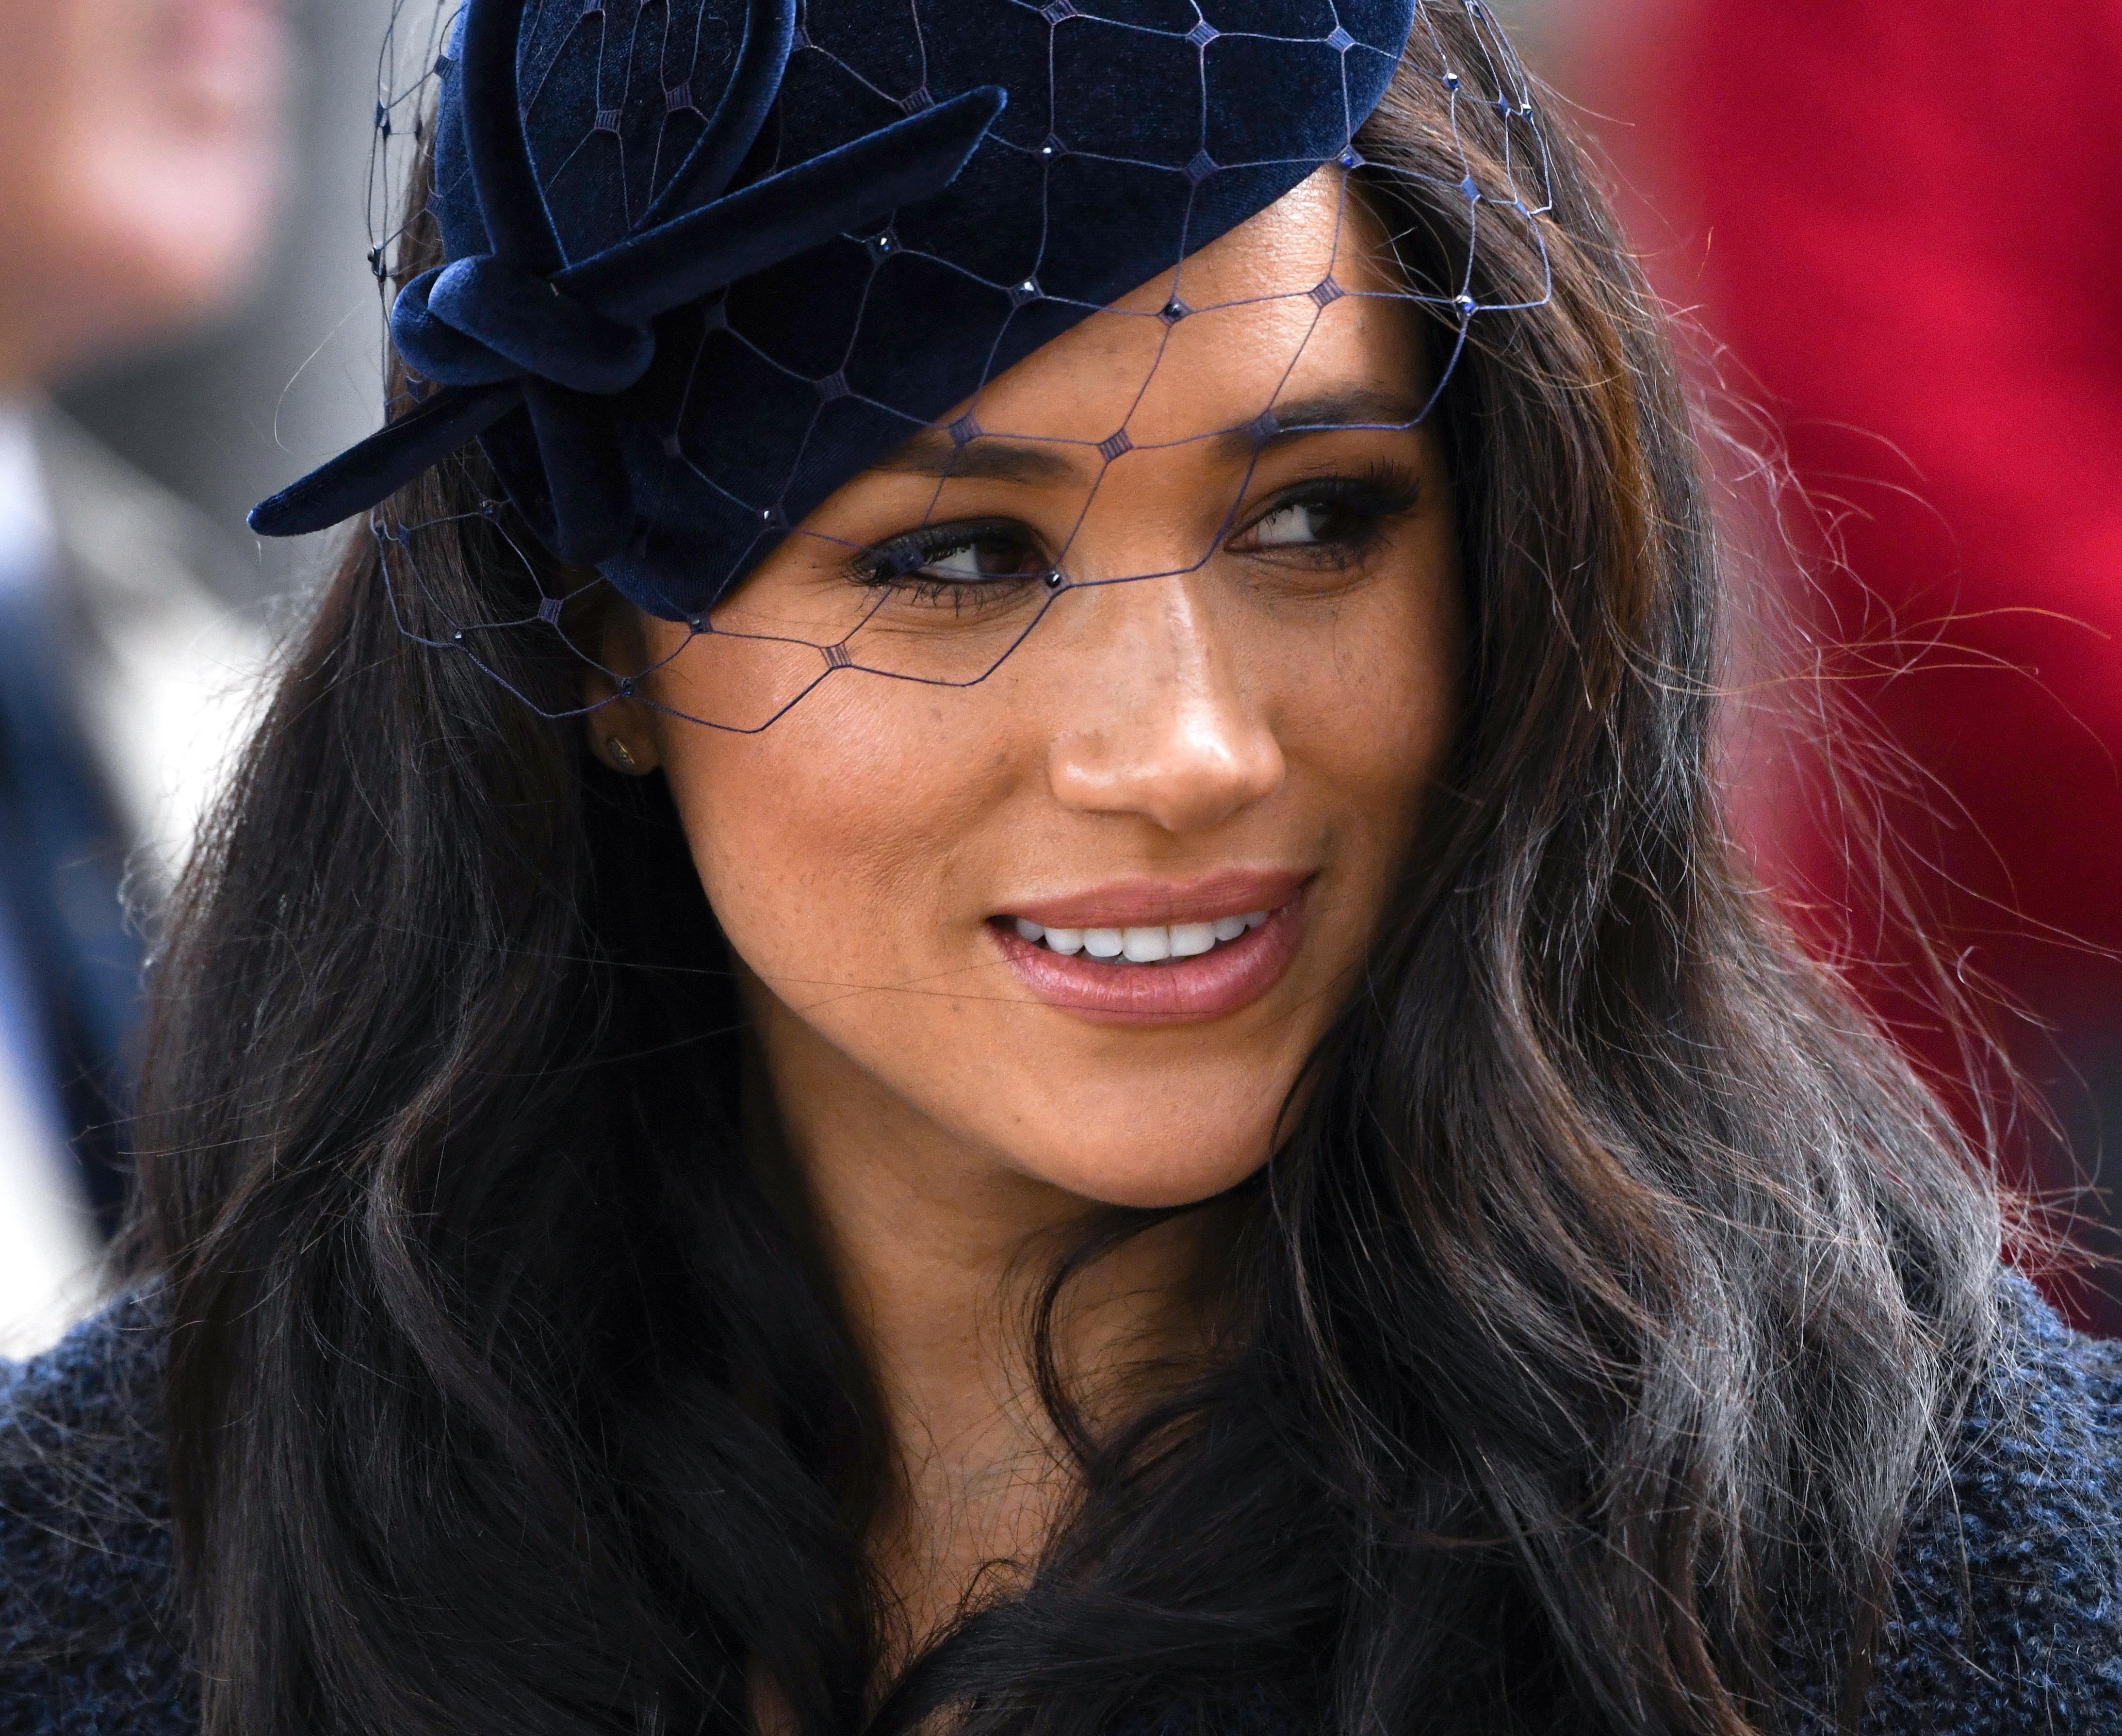 Život iz bajke nije impresionirao princezu smartphone generacije koja je od prvog trena kršila brojna kraljevska pravila